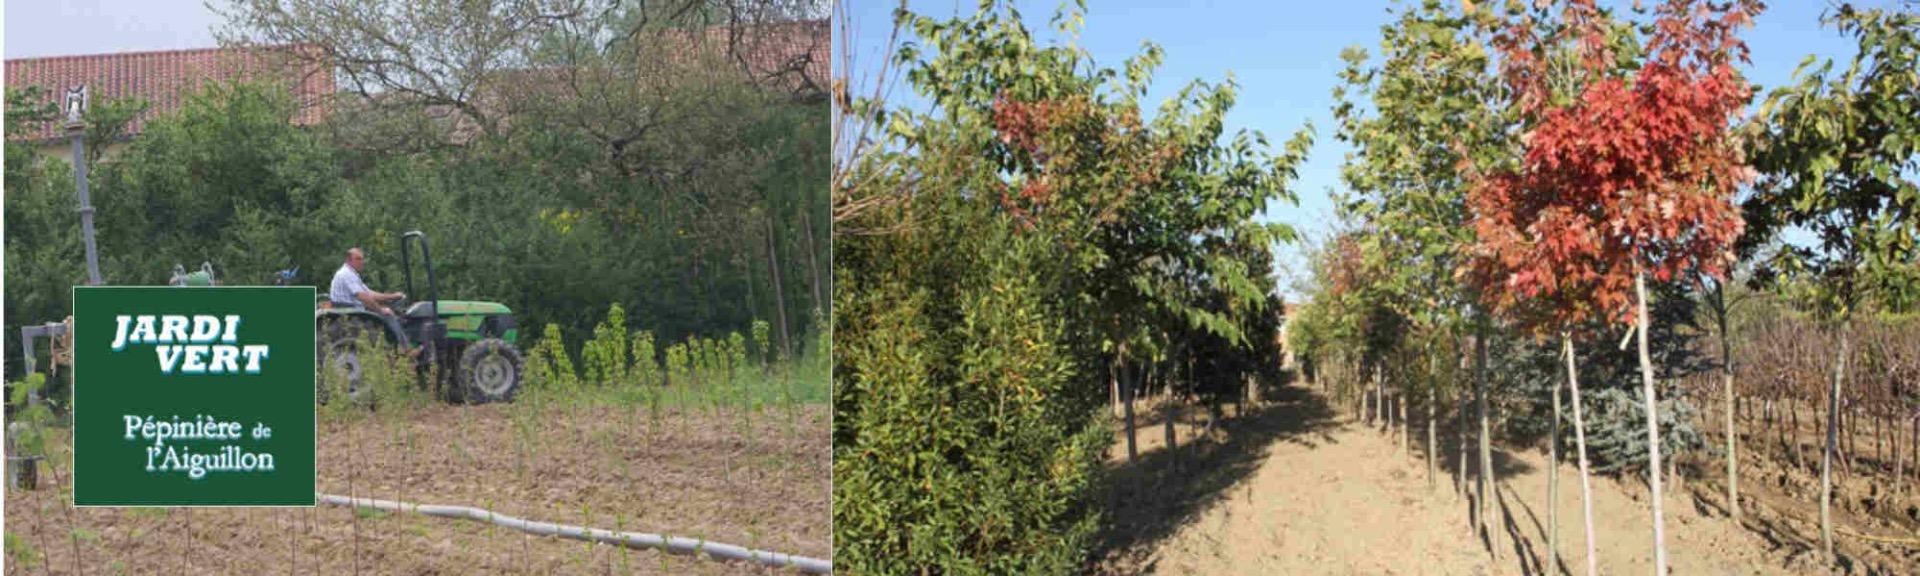 Production de nos arbres à Frouzins, près de Toulouse - Pépinière de l'Aiguillon